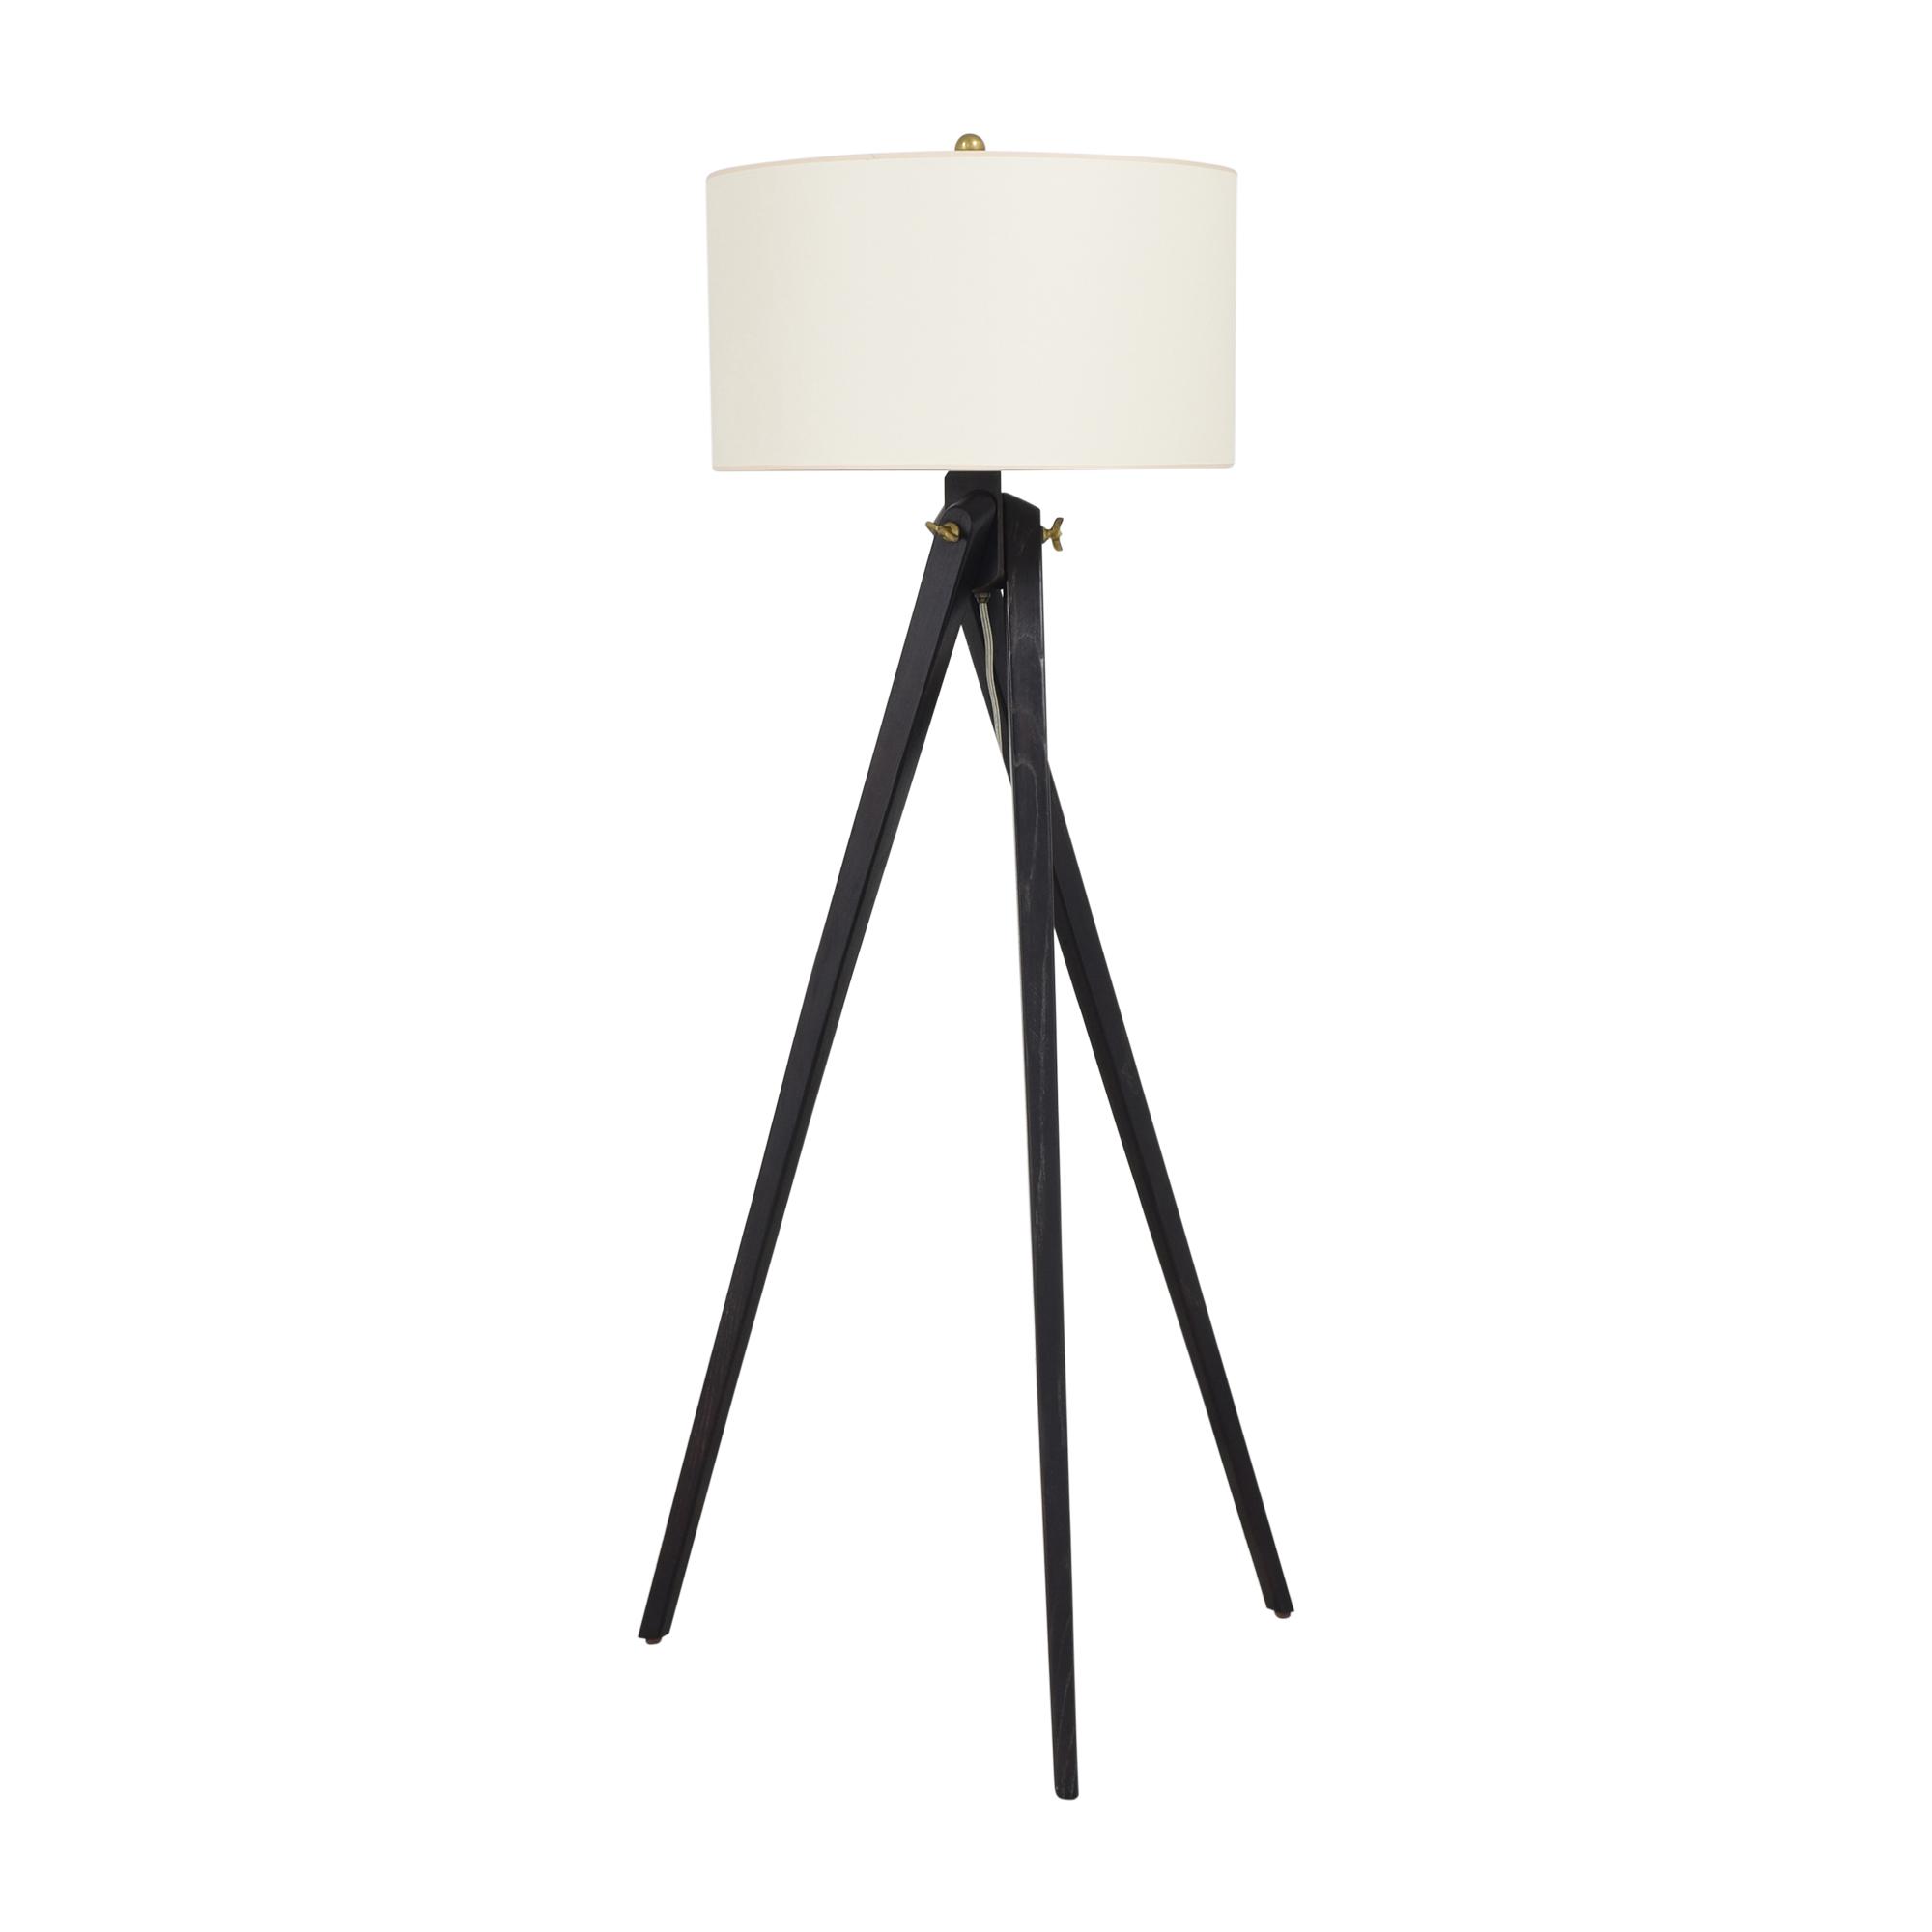 Visual Comfort Visual Comfort York Tripod Floor Lamp dimensions